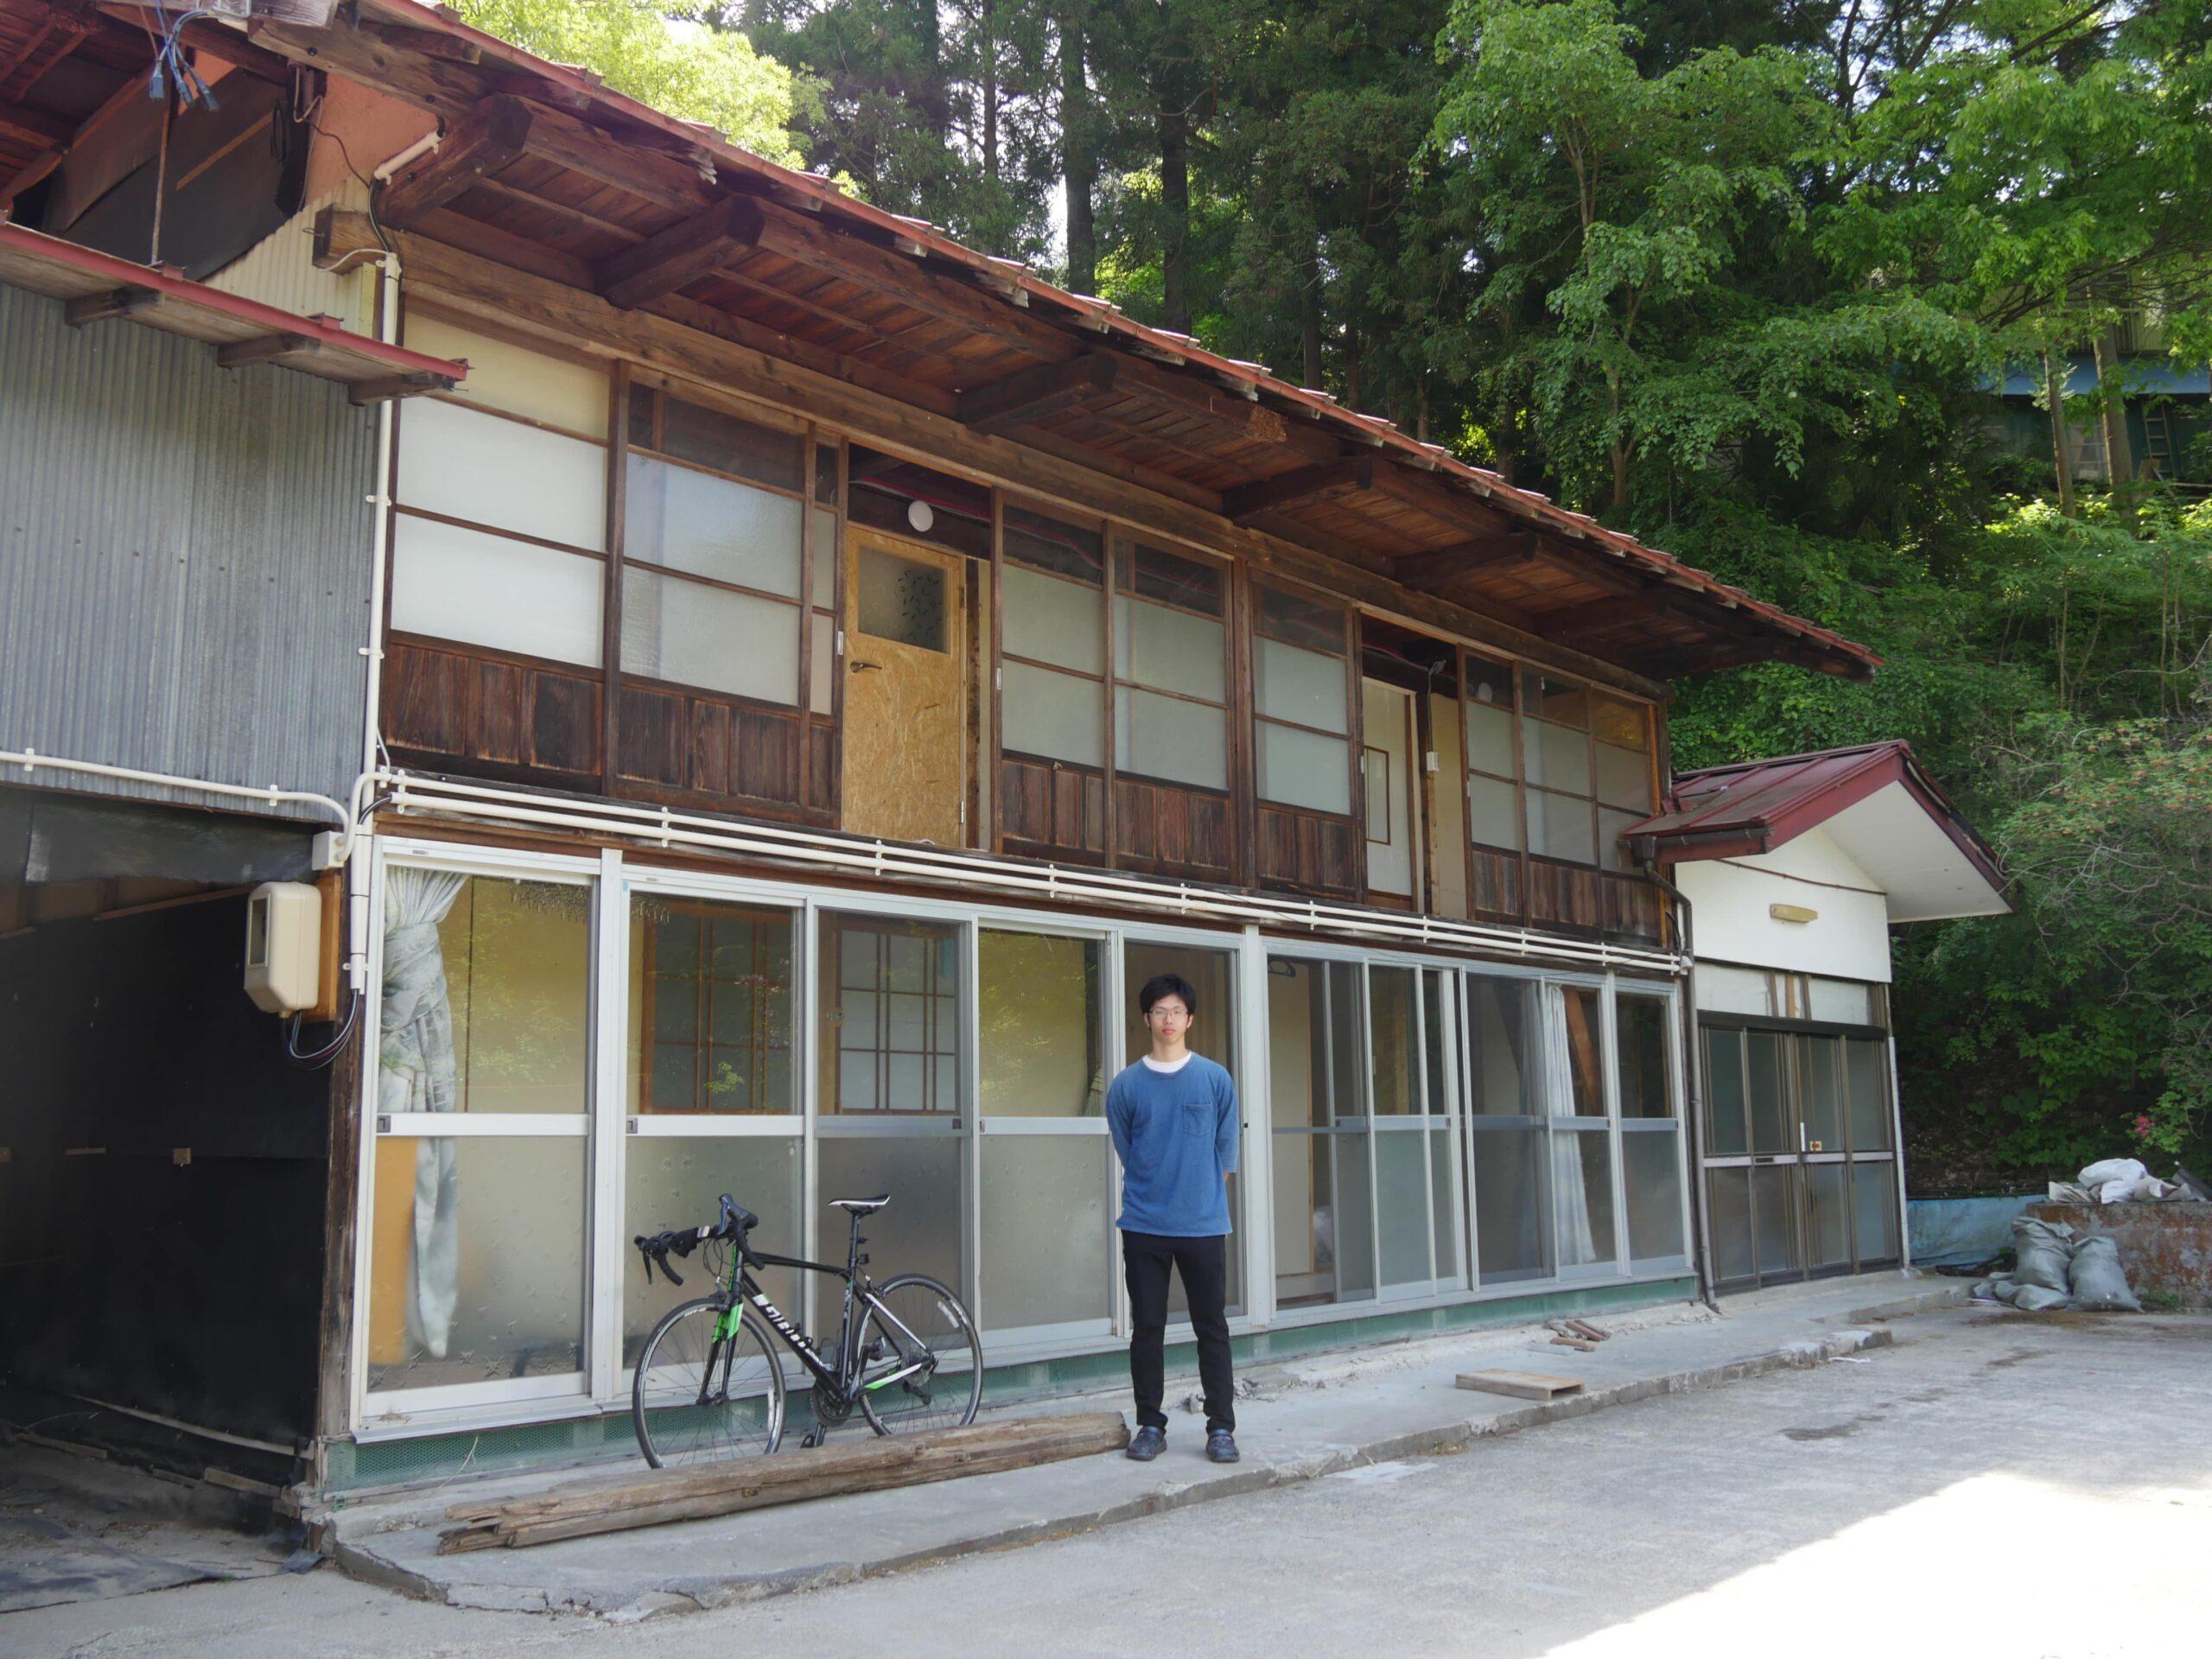 「お金より自由な時間がある方が僕は嬉しいです」〜福島市移住者インタビューVol.3 遠藤優太さん